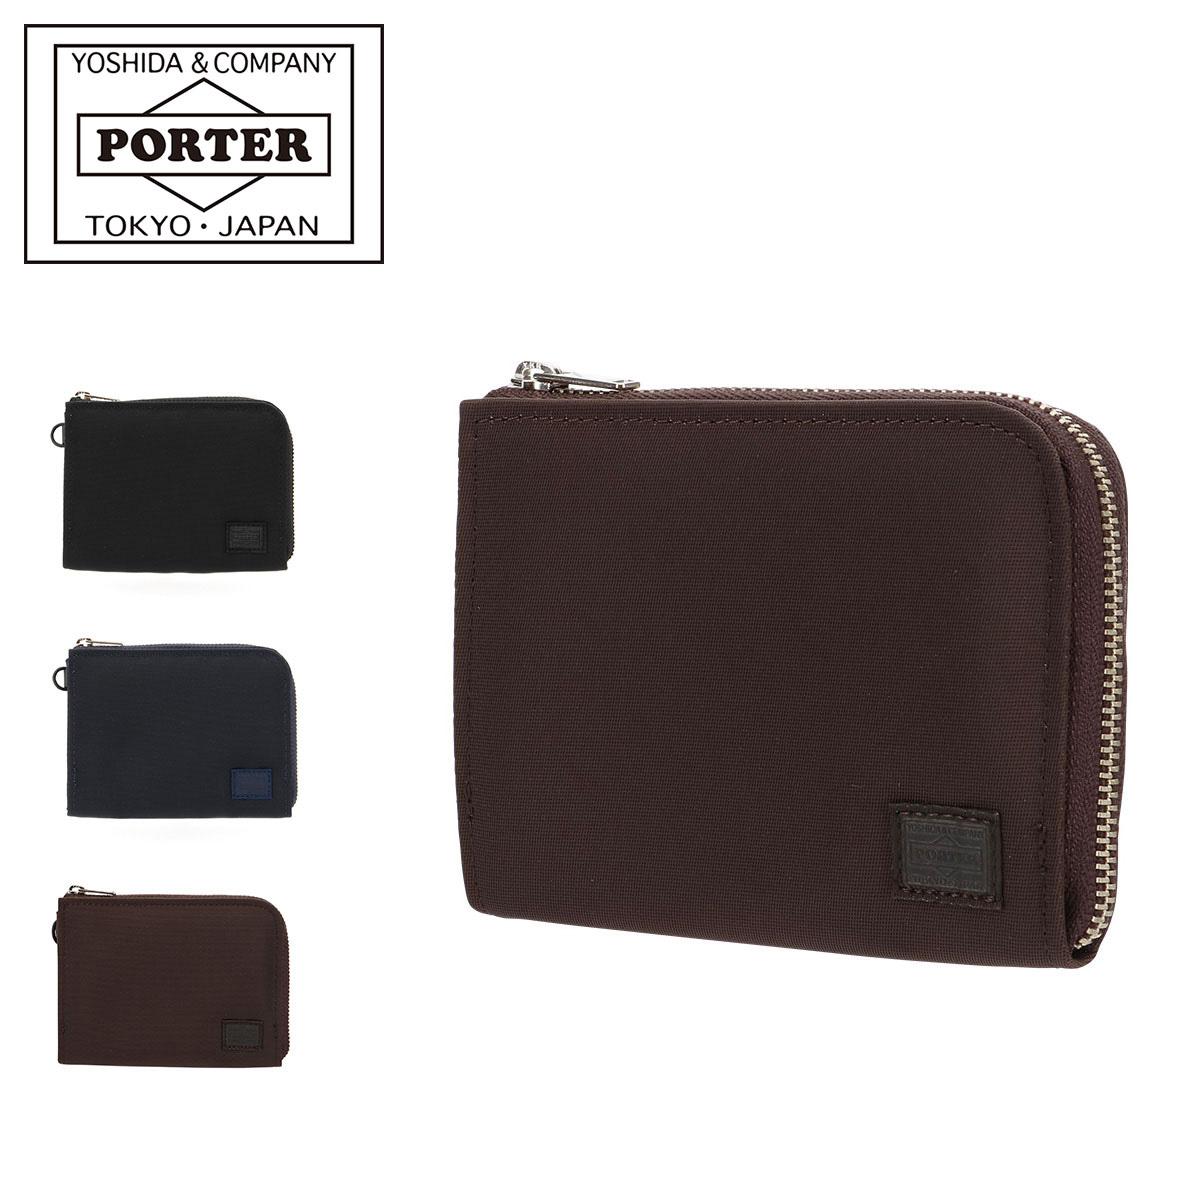 2eb32354f879 ポーター 二つ折り財布 メンズ 吉田カバン ポーター リフト 822-16108 PORTER LIFT の通販 | SAC'S BAR サックスバー